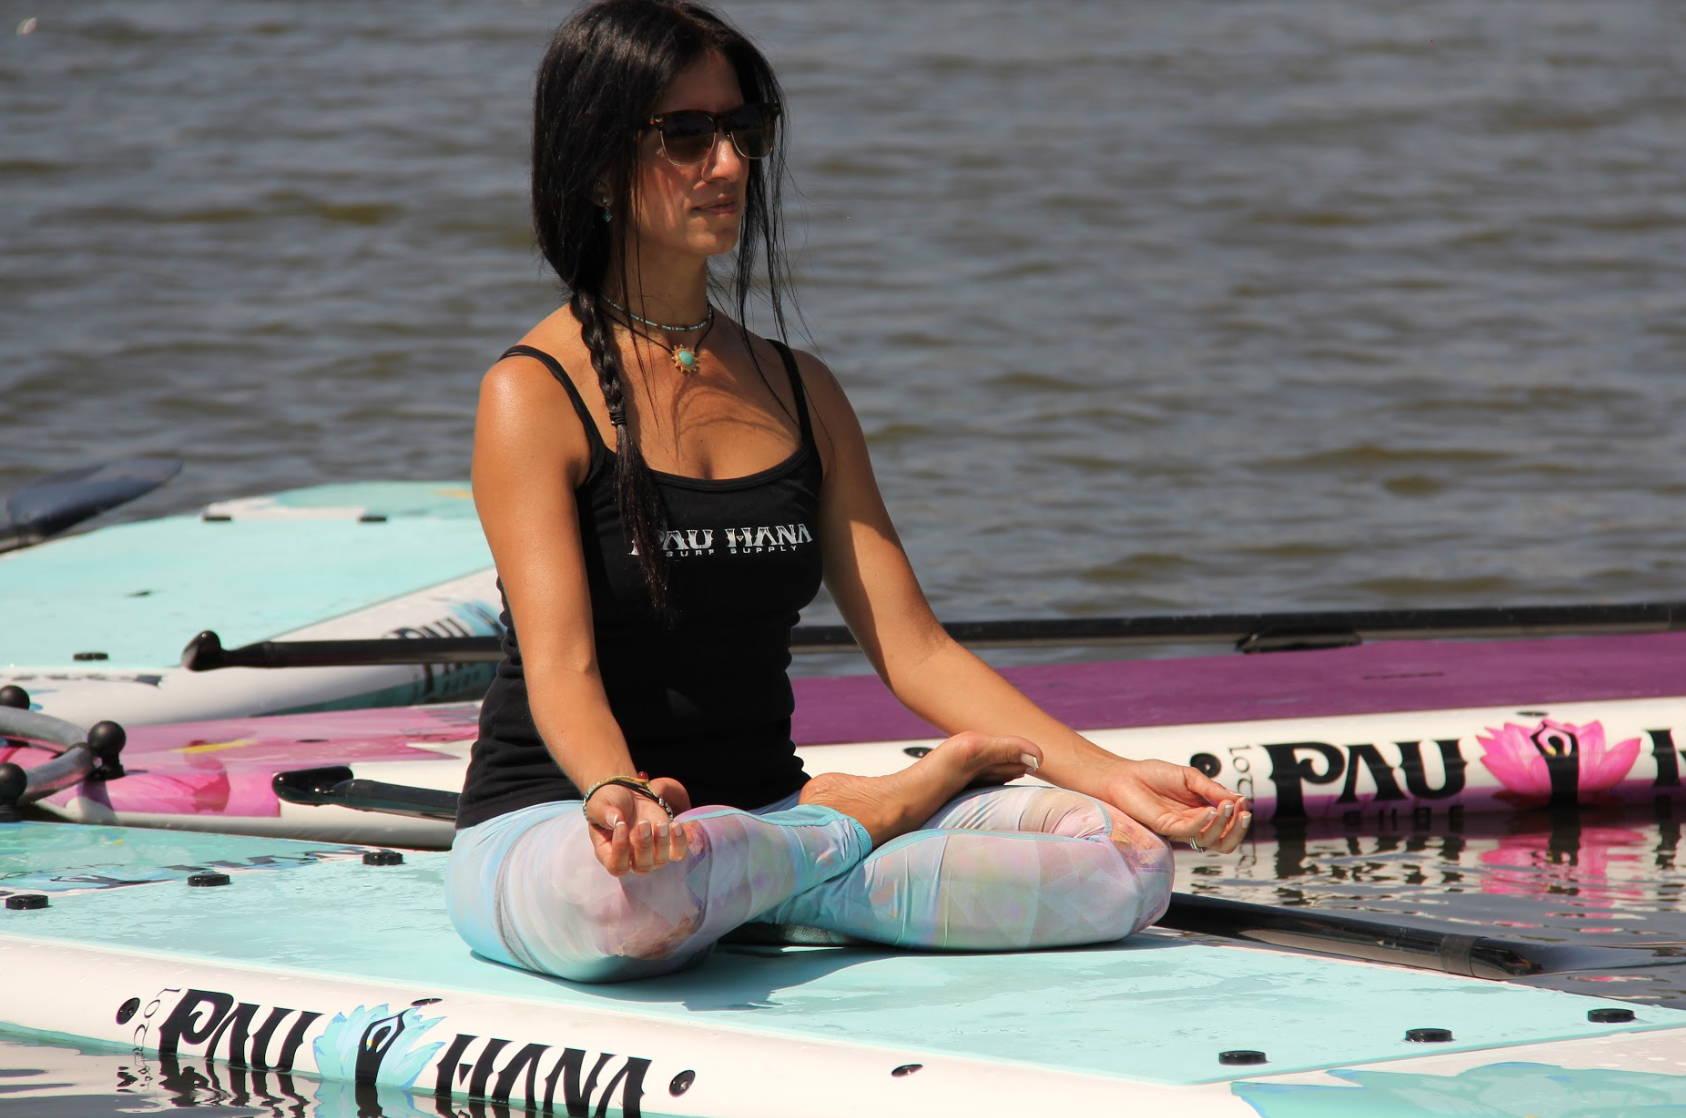 Pau Hana Lotus SUP Boards in Marina del Rey